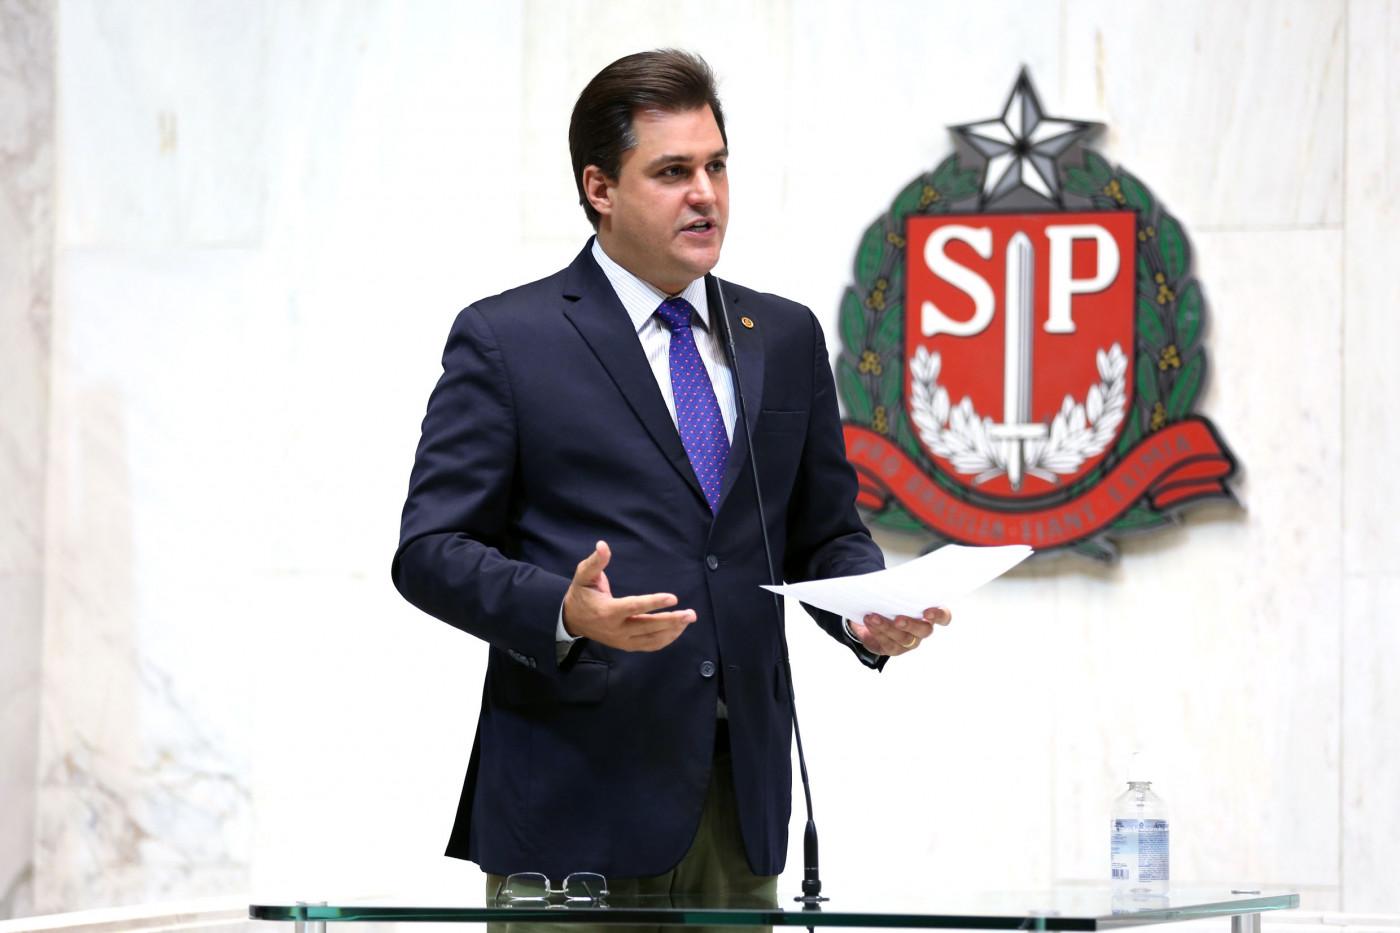 Deputado Frederico D'Ávila em tribuna da Alesp